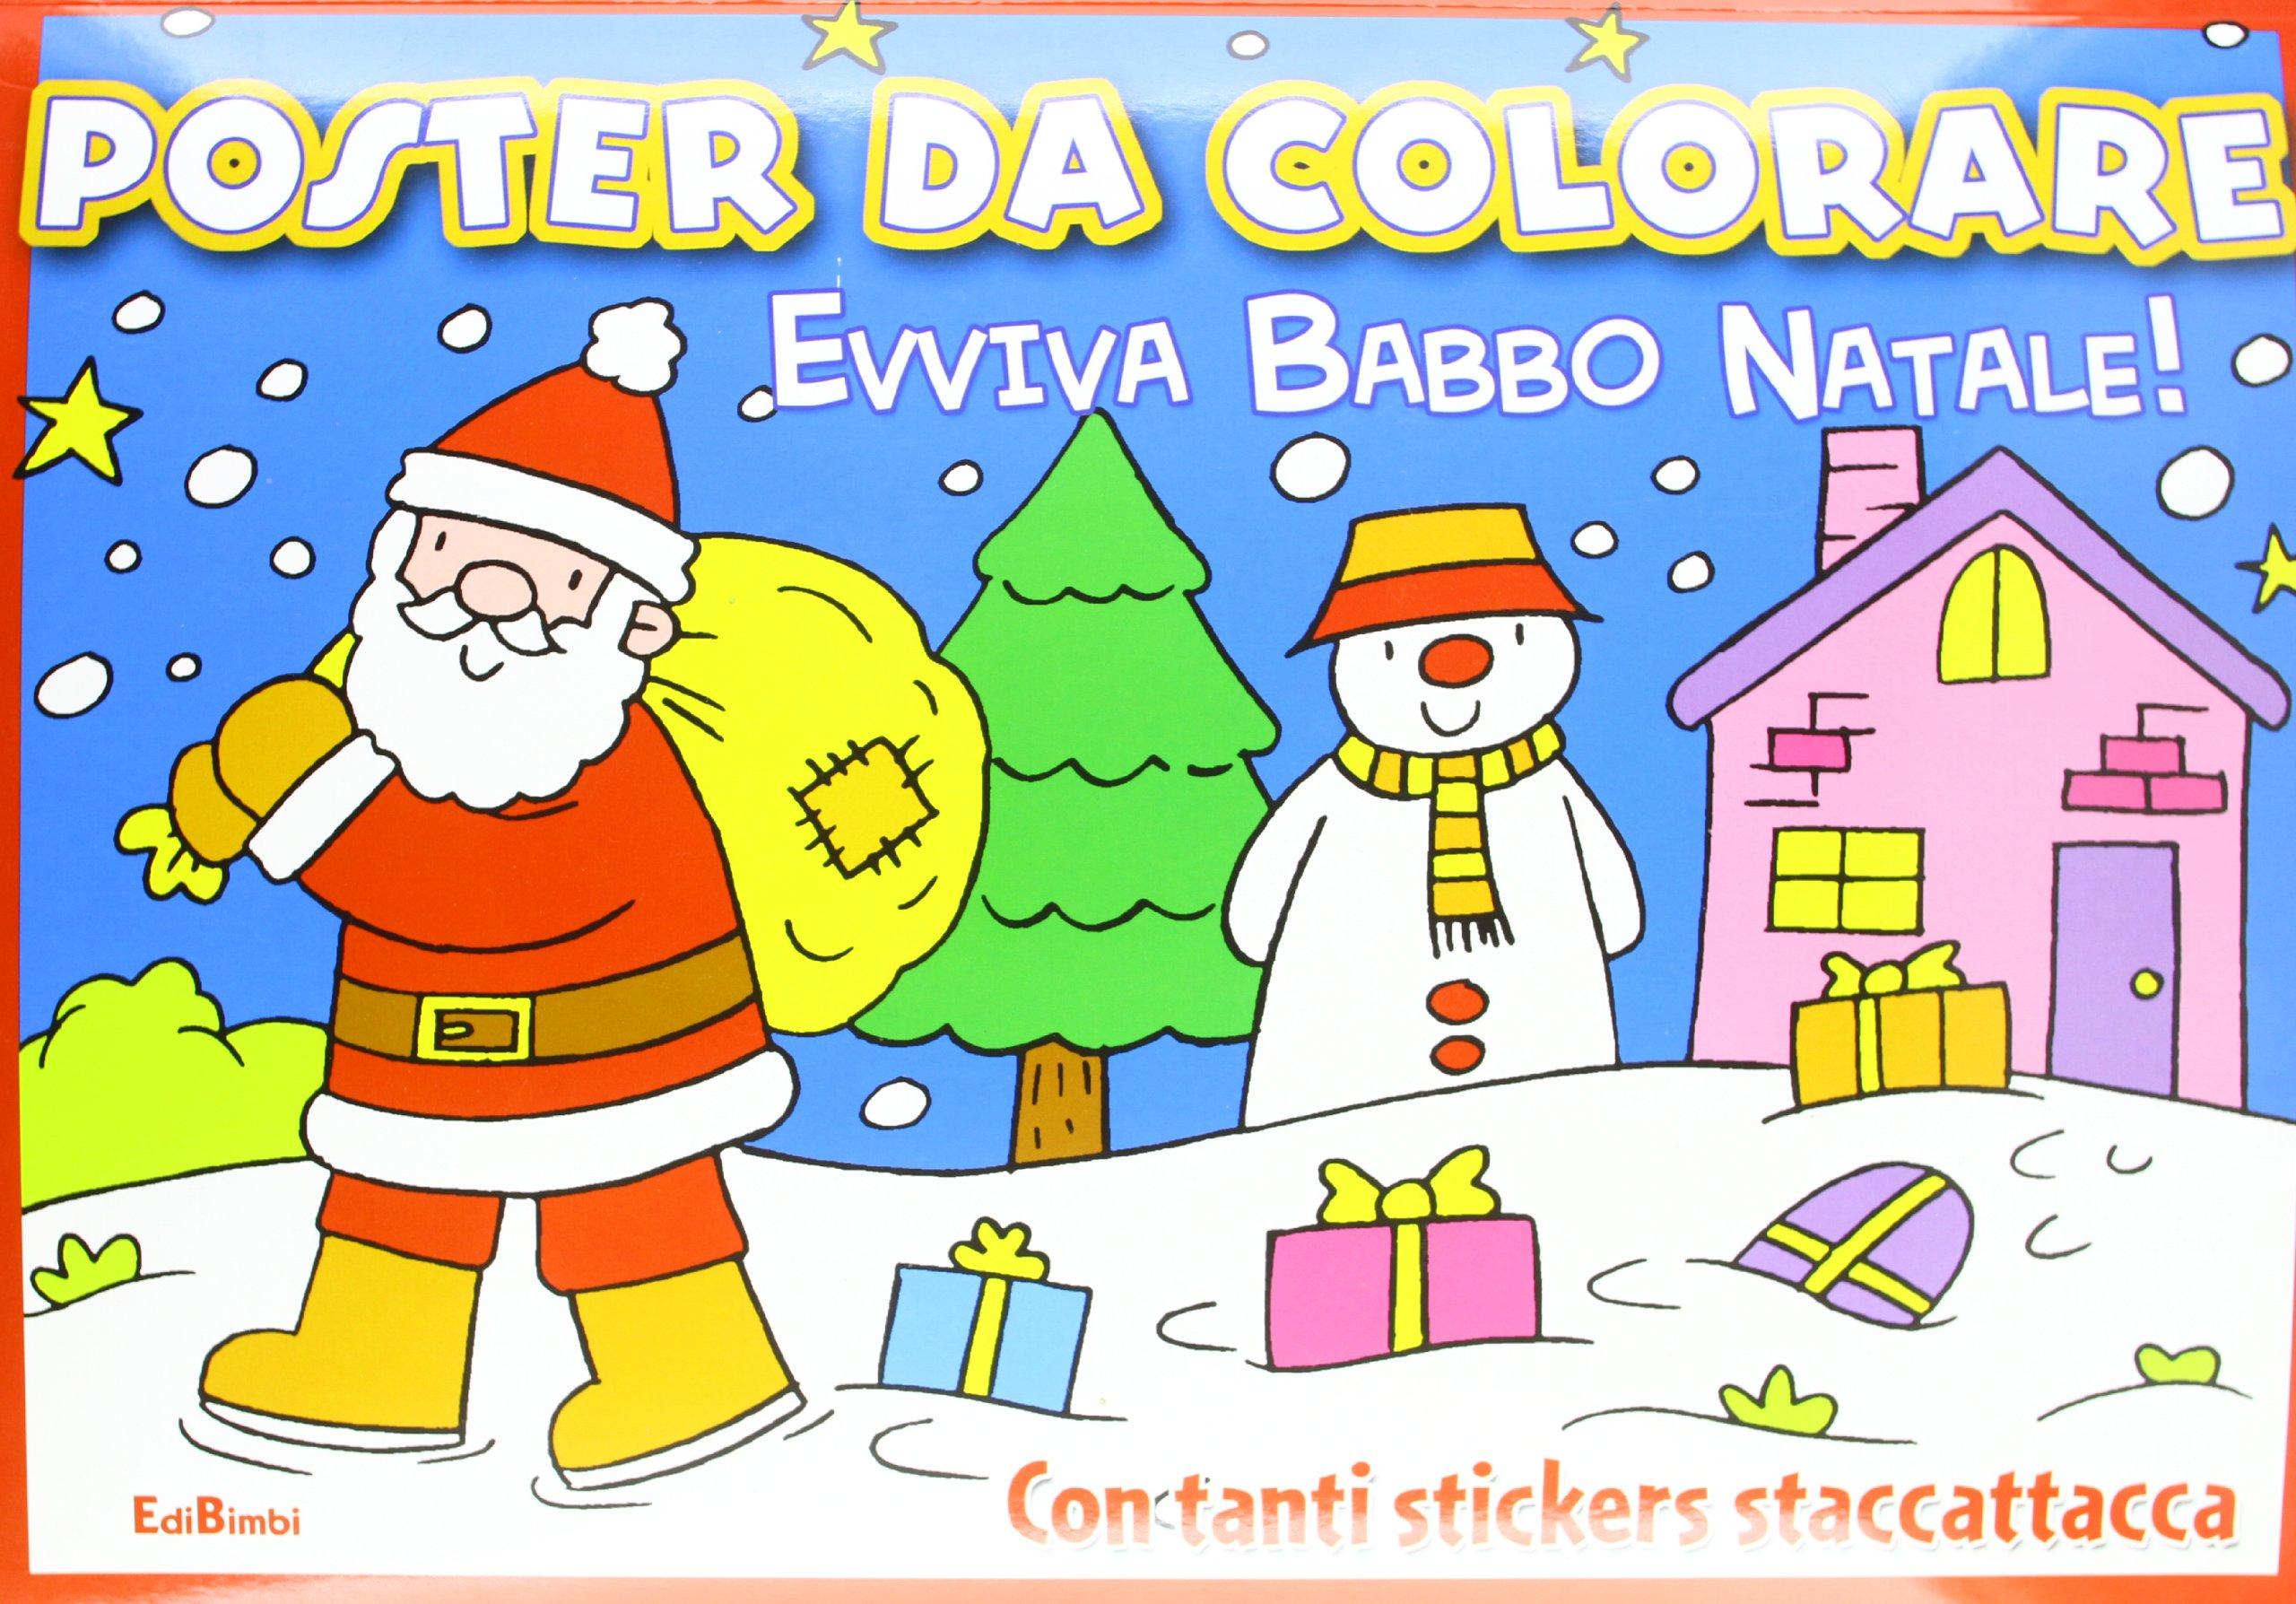 Evviva Babbo Natale La Slitta Di Babbo Natale Poster Da Colorare